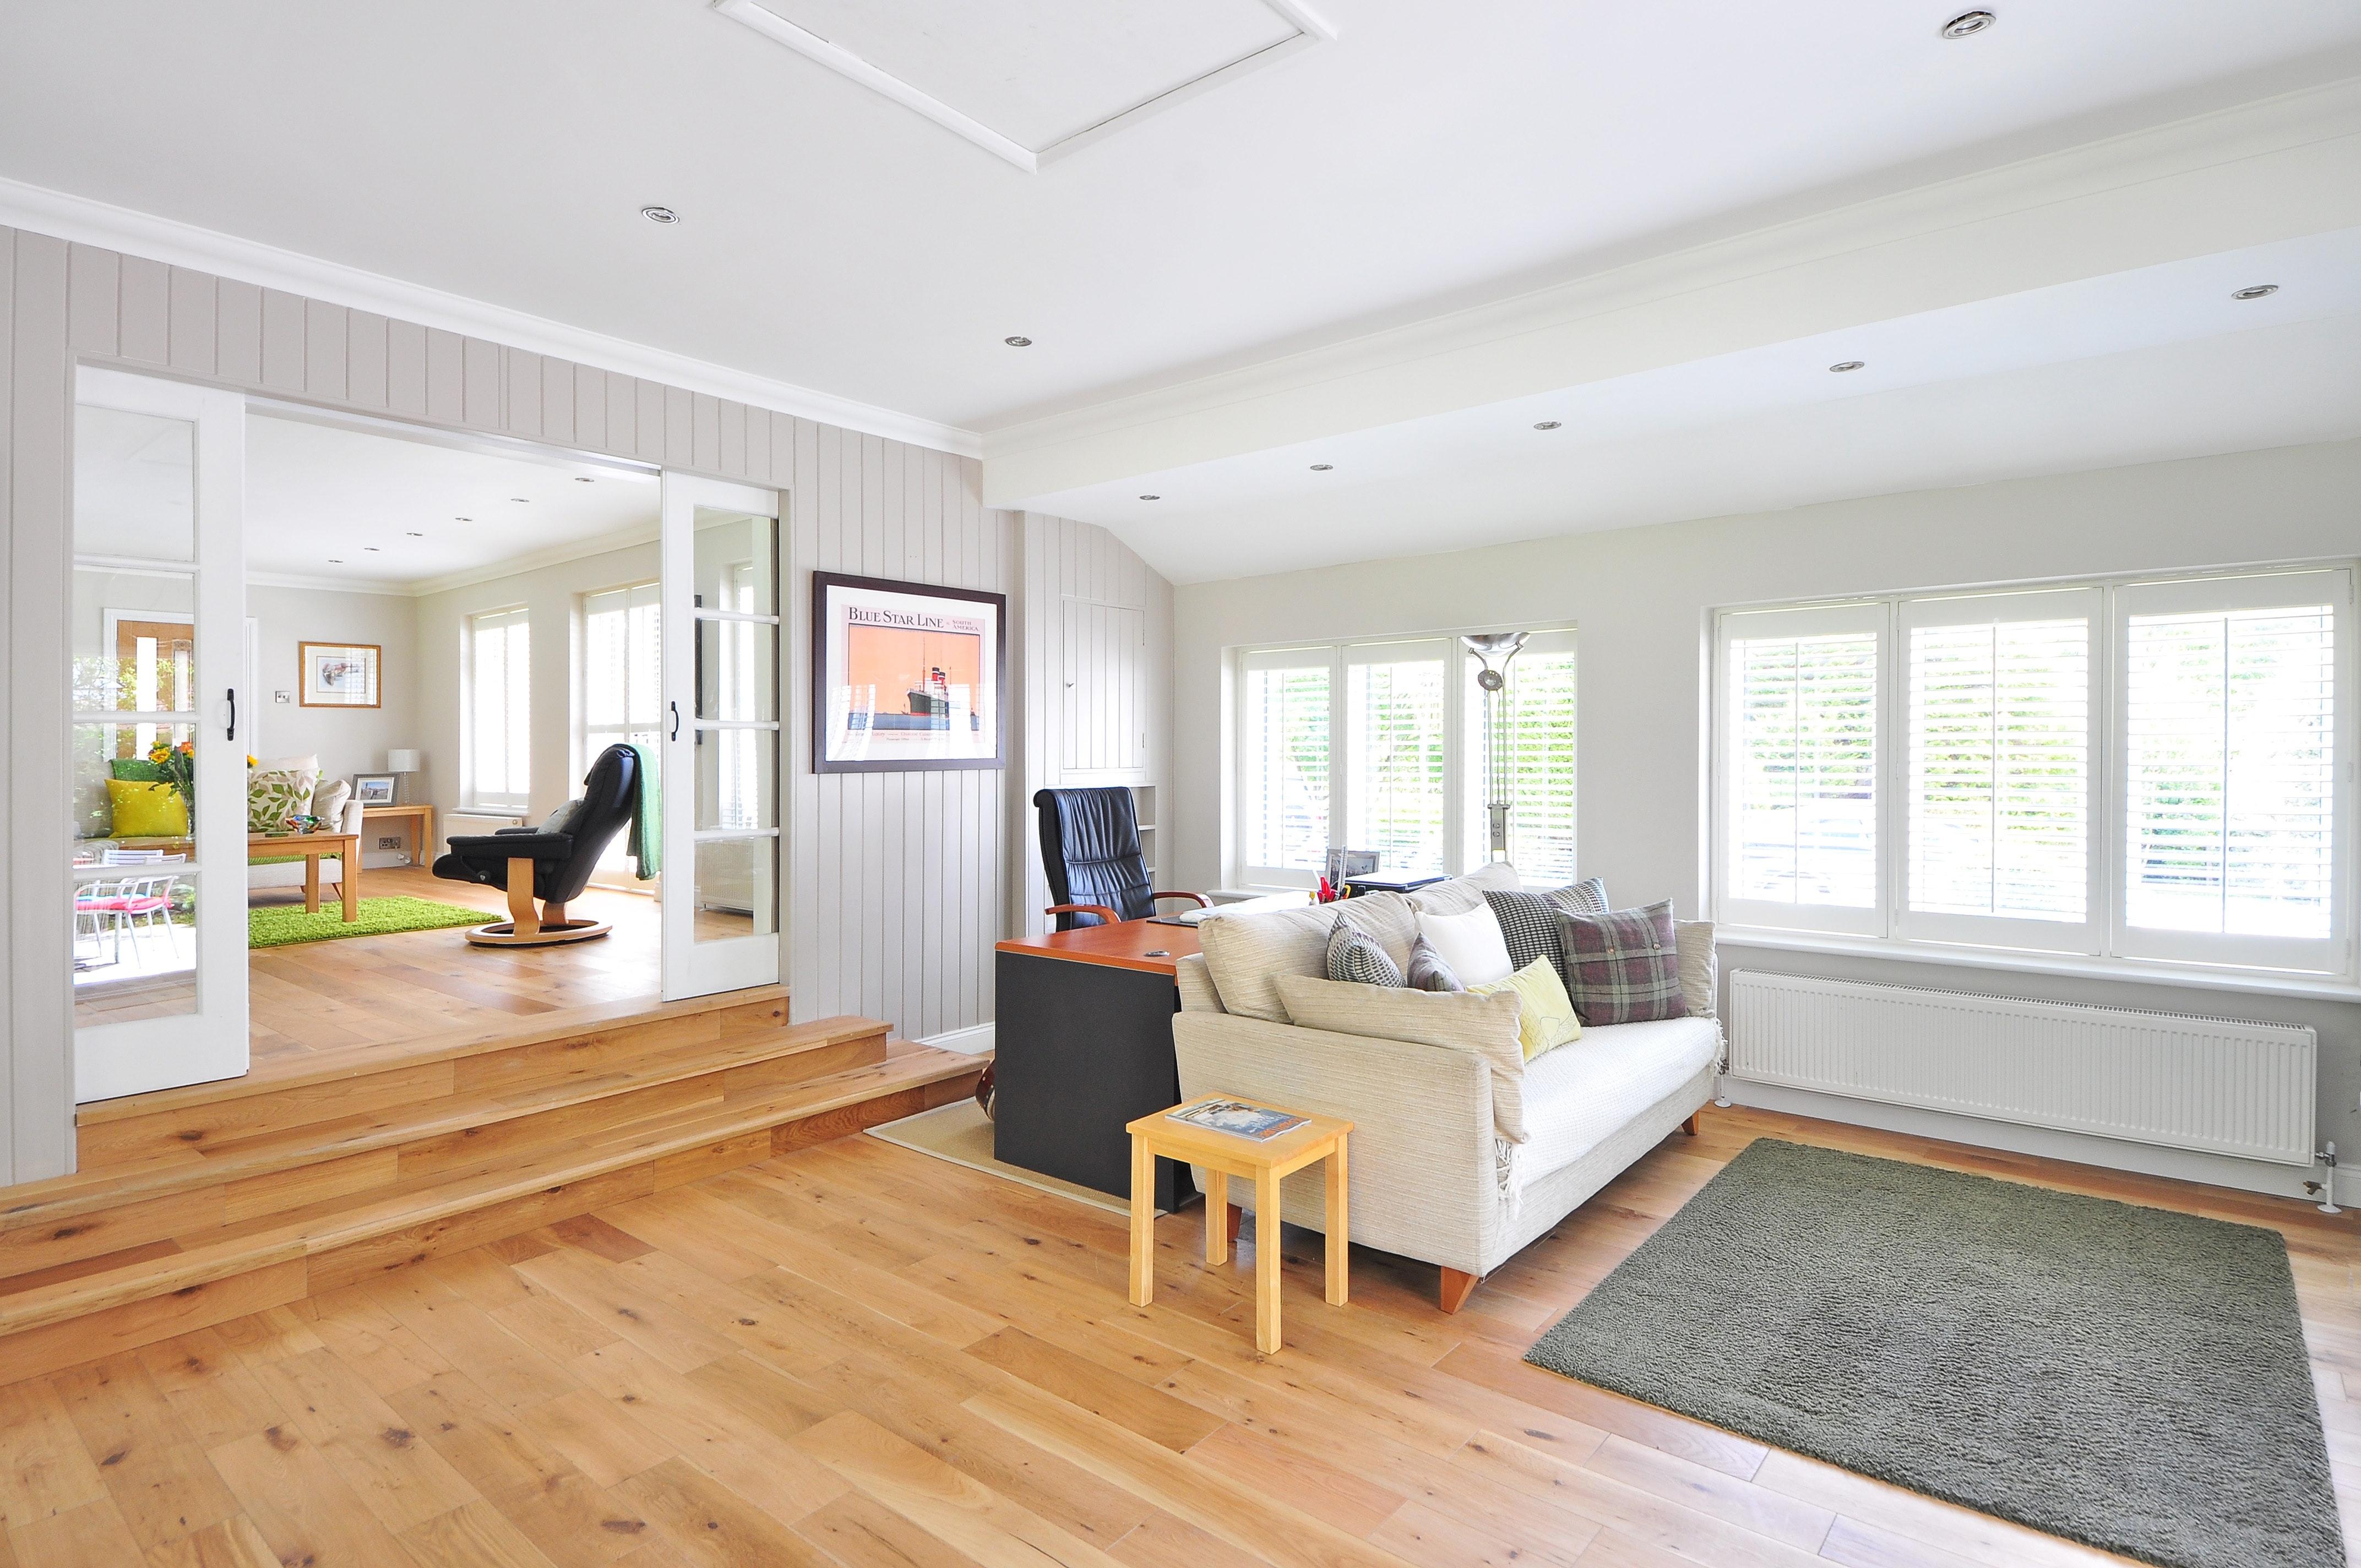 イシンホームで家を建てた人の本音の評判・口コミを暴露!!坪単価や特徴・注意点まで分かる完全ガイド